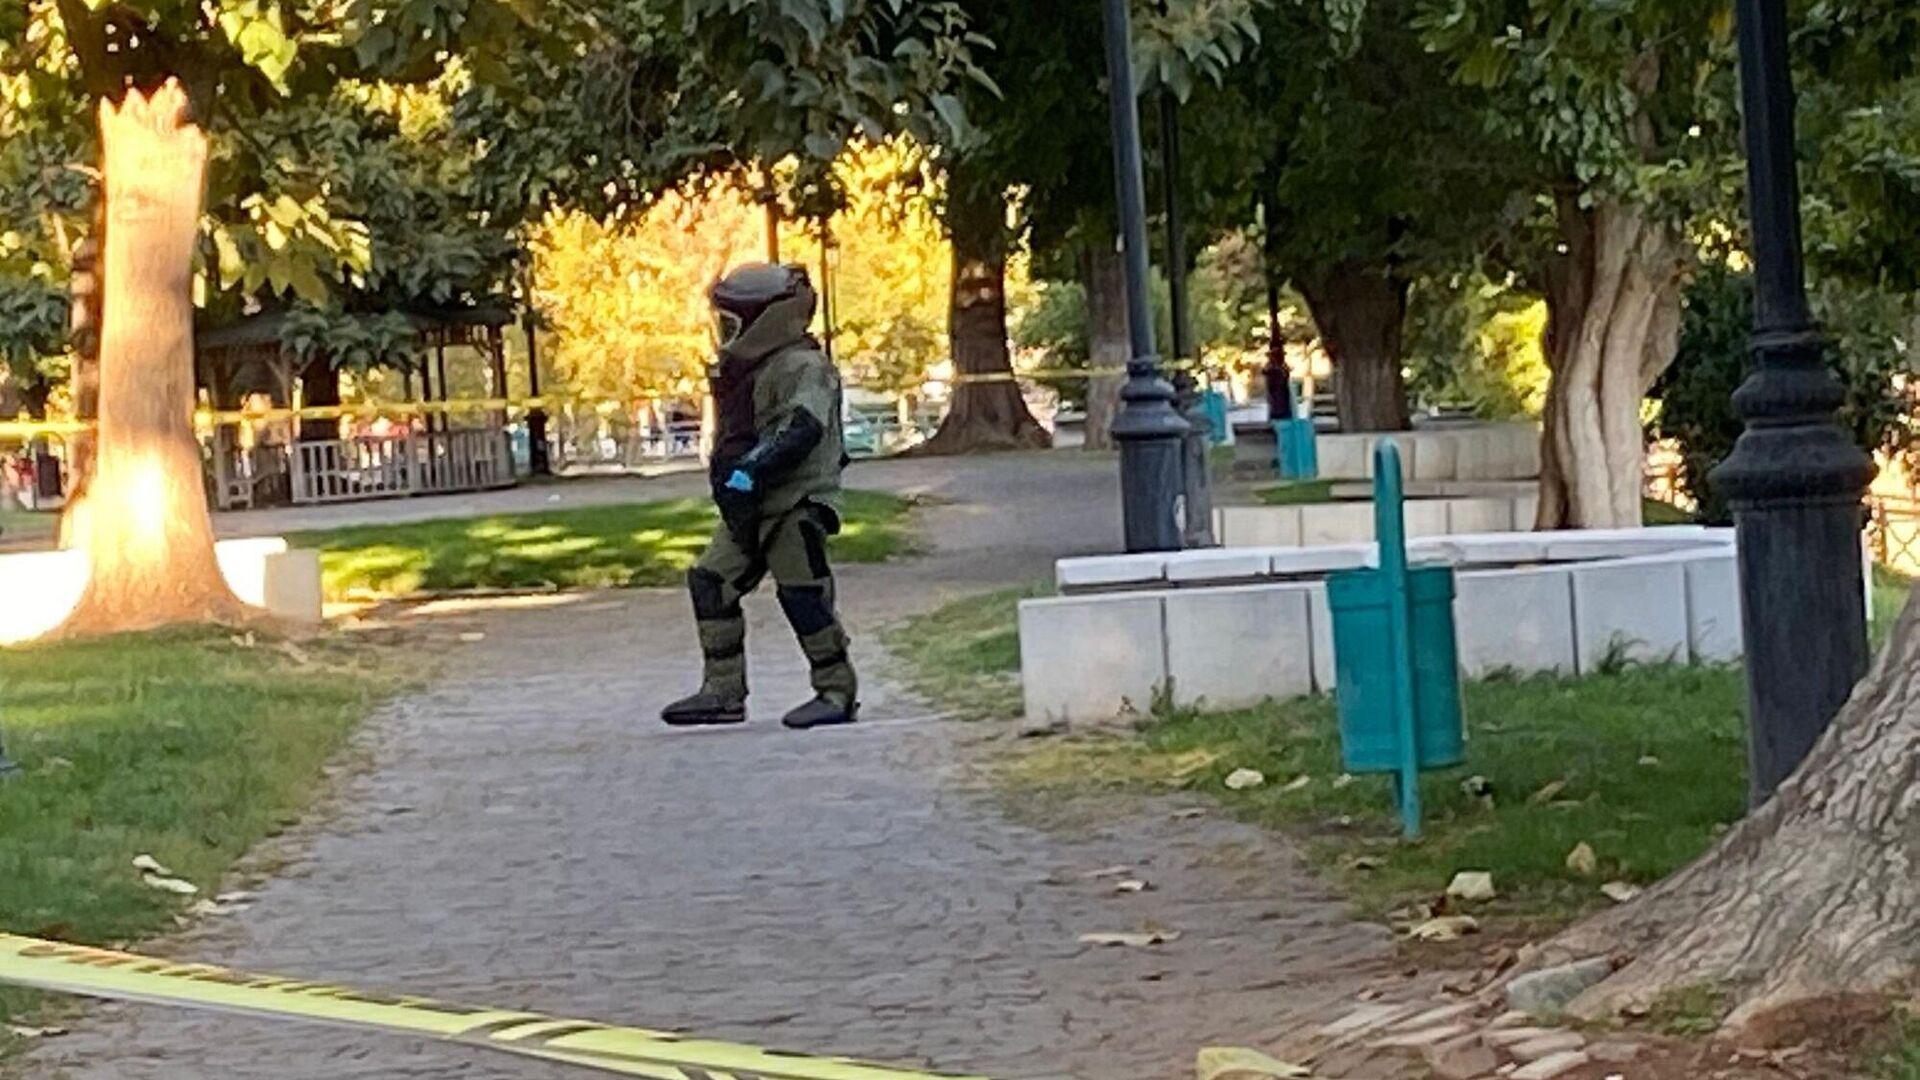 İçişleri Bakanlığı'ndan yapılan açıklamada Gaziantep'te Valilik binası arkasındaki parkta bulunan şüpheli paketin bomba imha ekiplerince patlatıldığı, paketin içinde el yapımı patlayıcı düzenek tespit edildiği belirtildi.   - Sputnik Türkiye, 1920, 18.09.2021